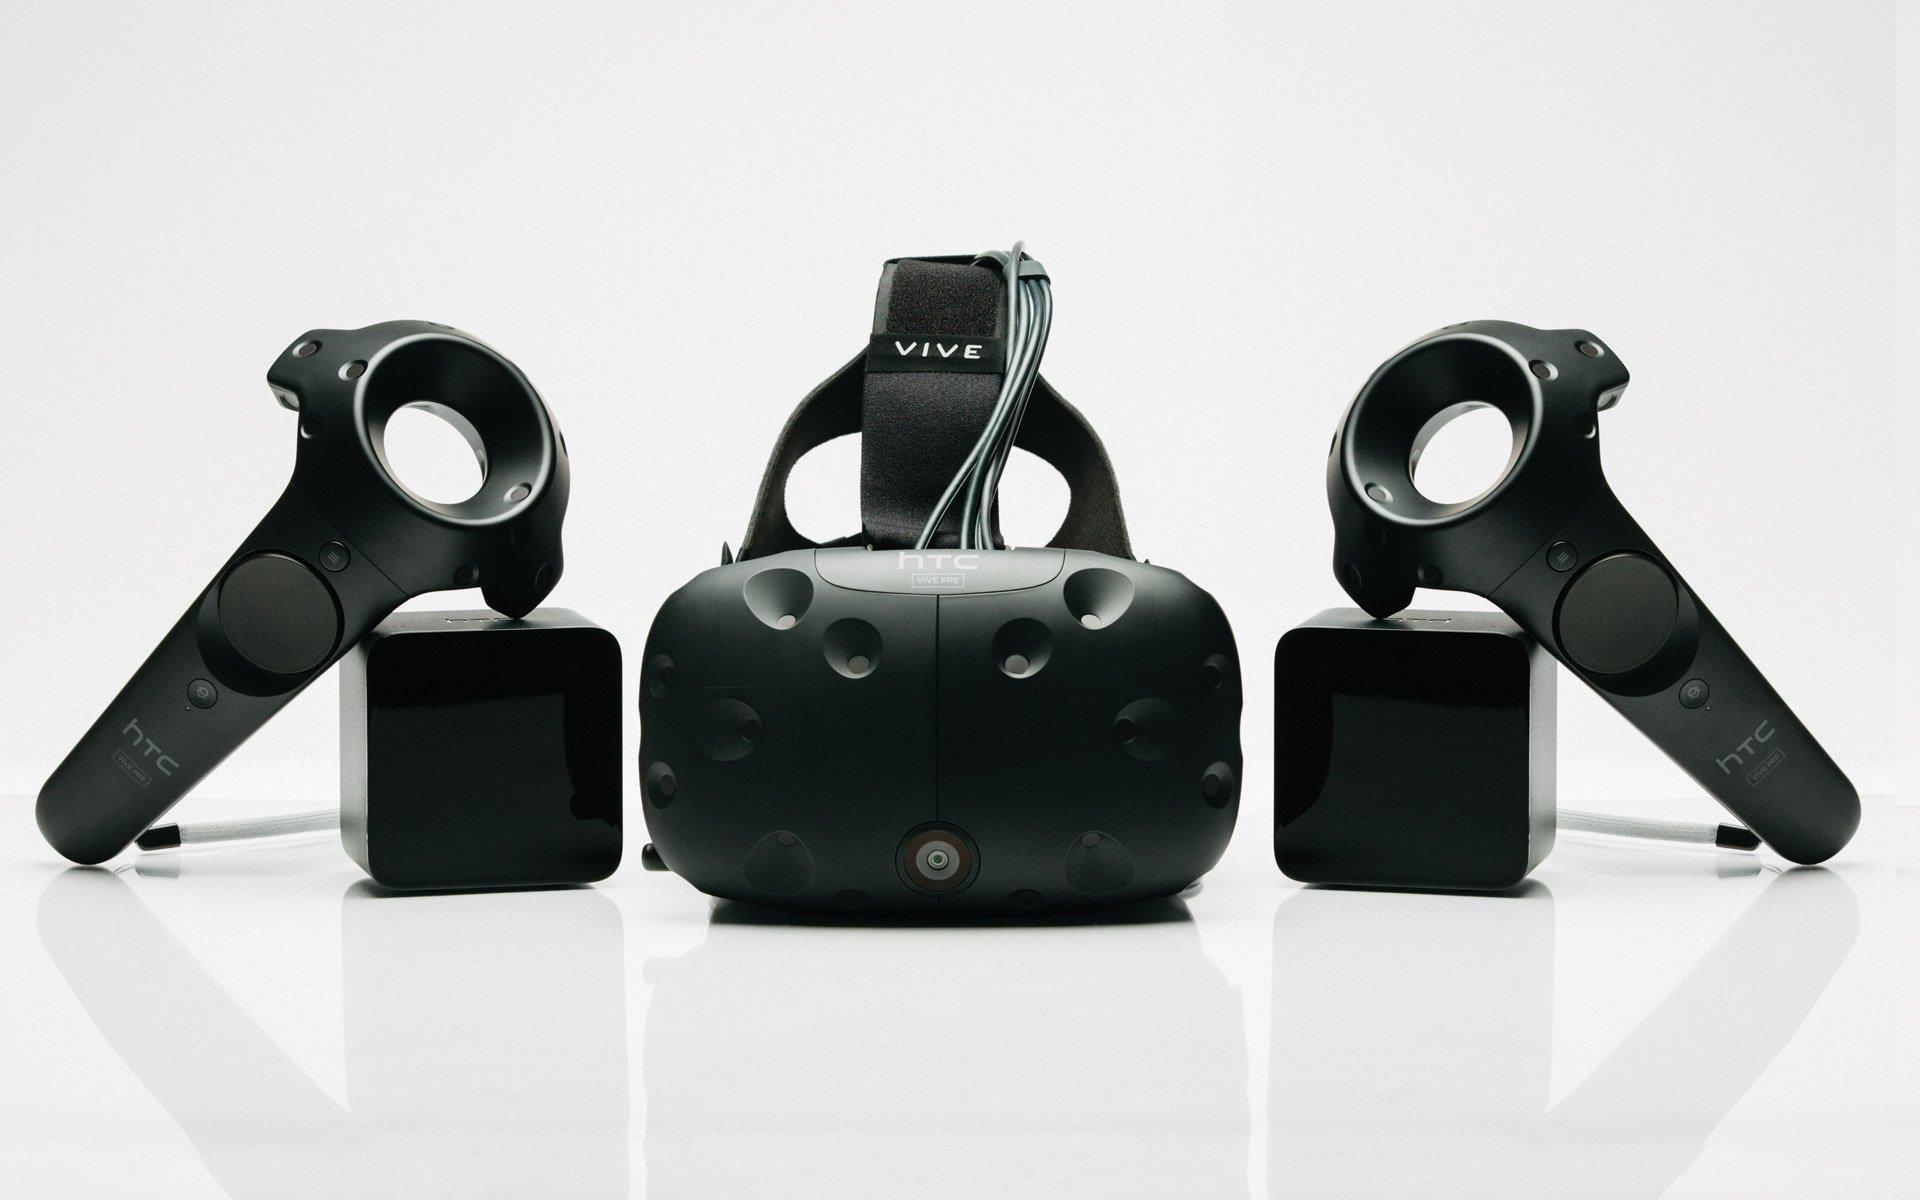 Очки виртуальной реальности для компа купить заказать очки гуглес к коптеру в грозный